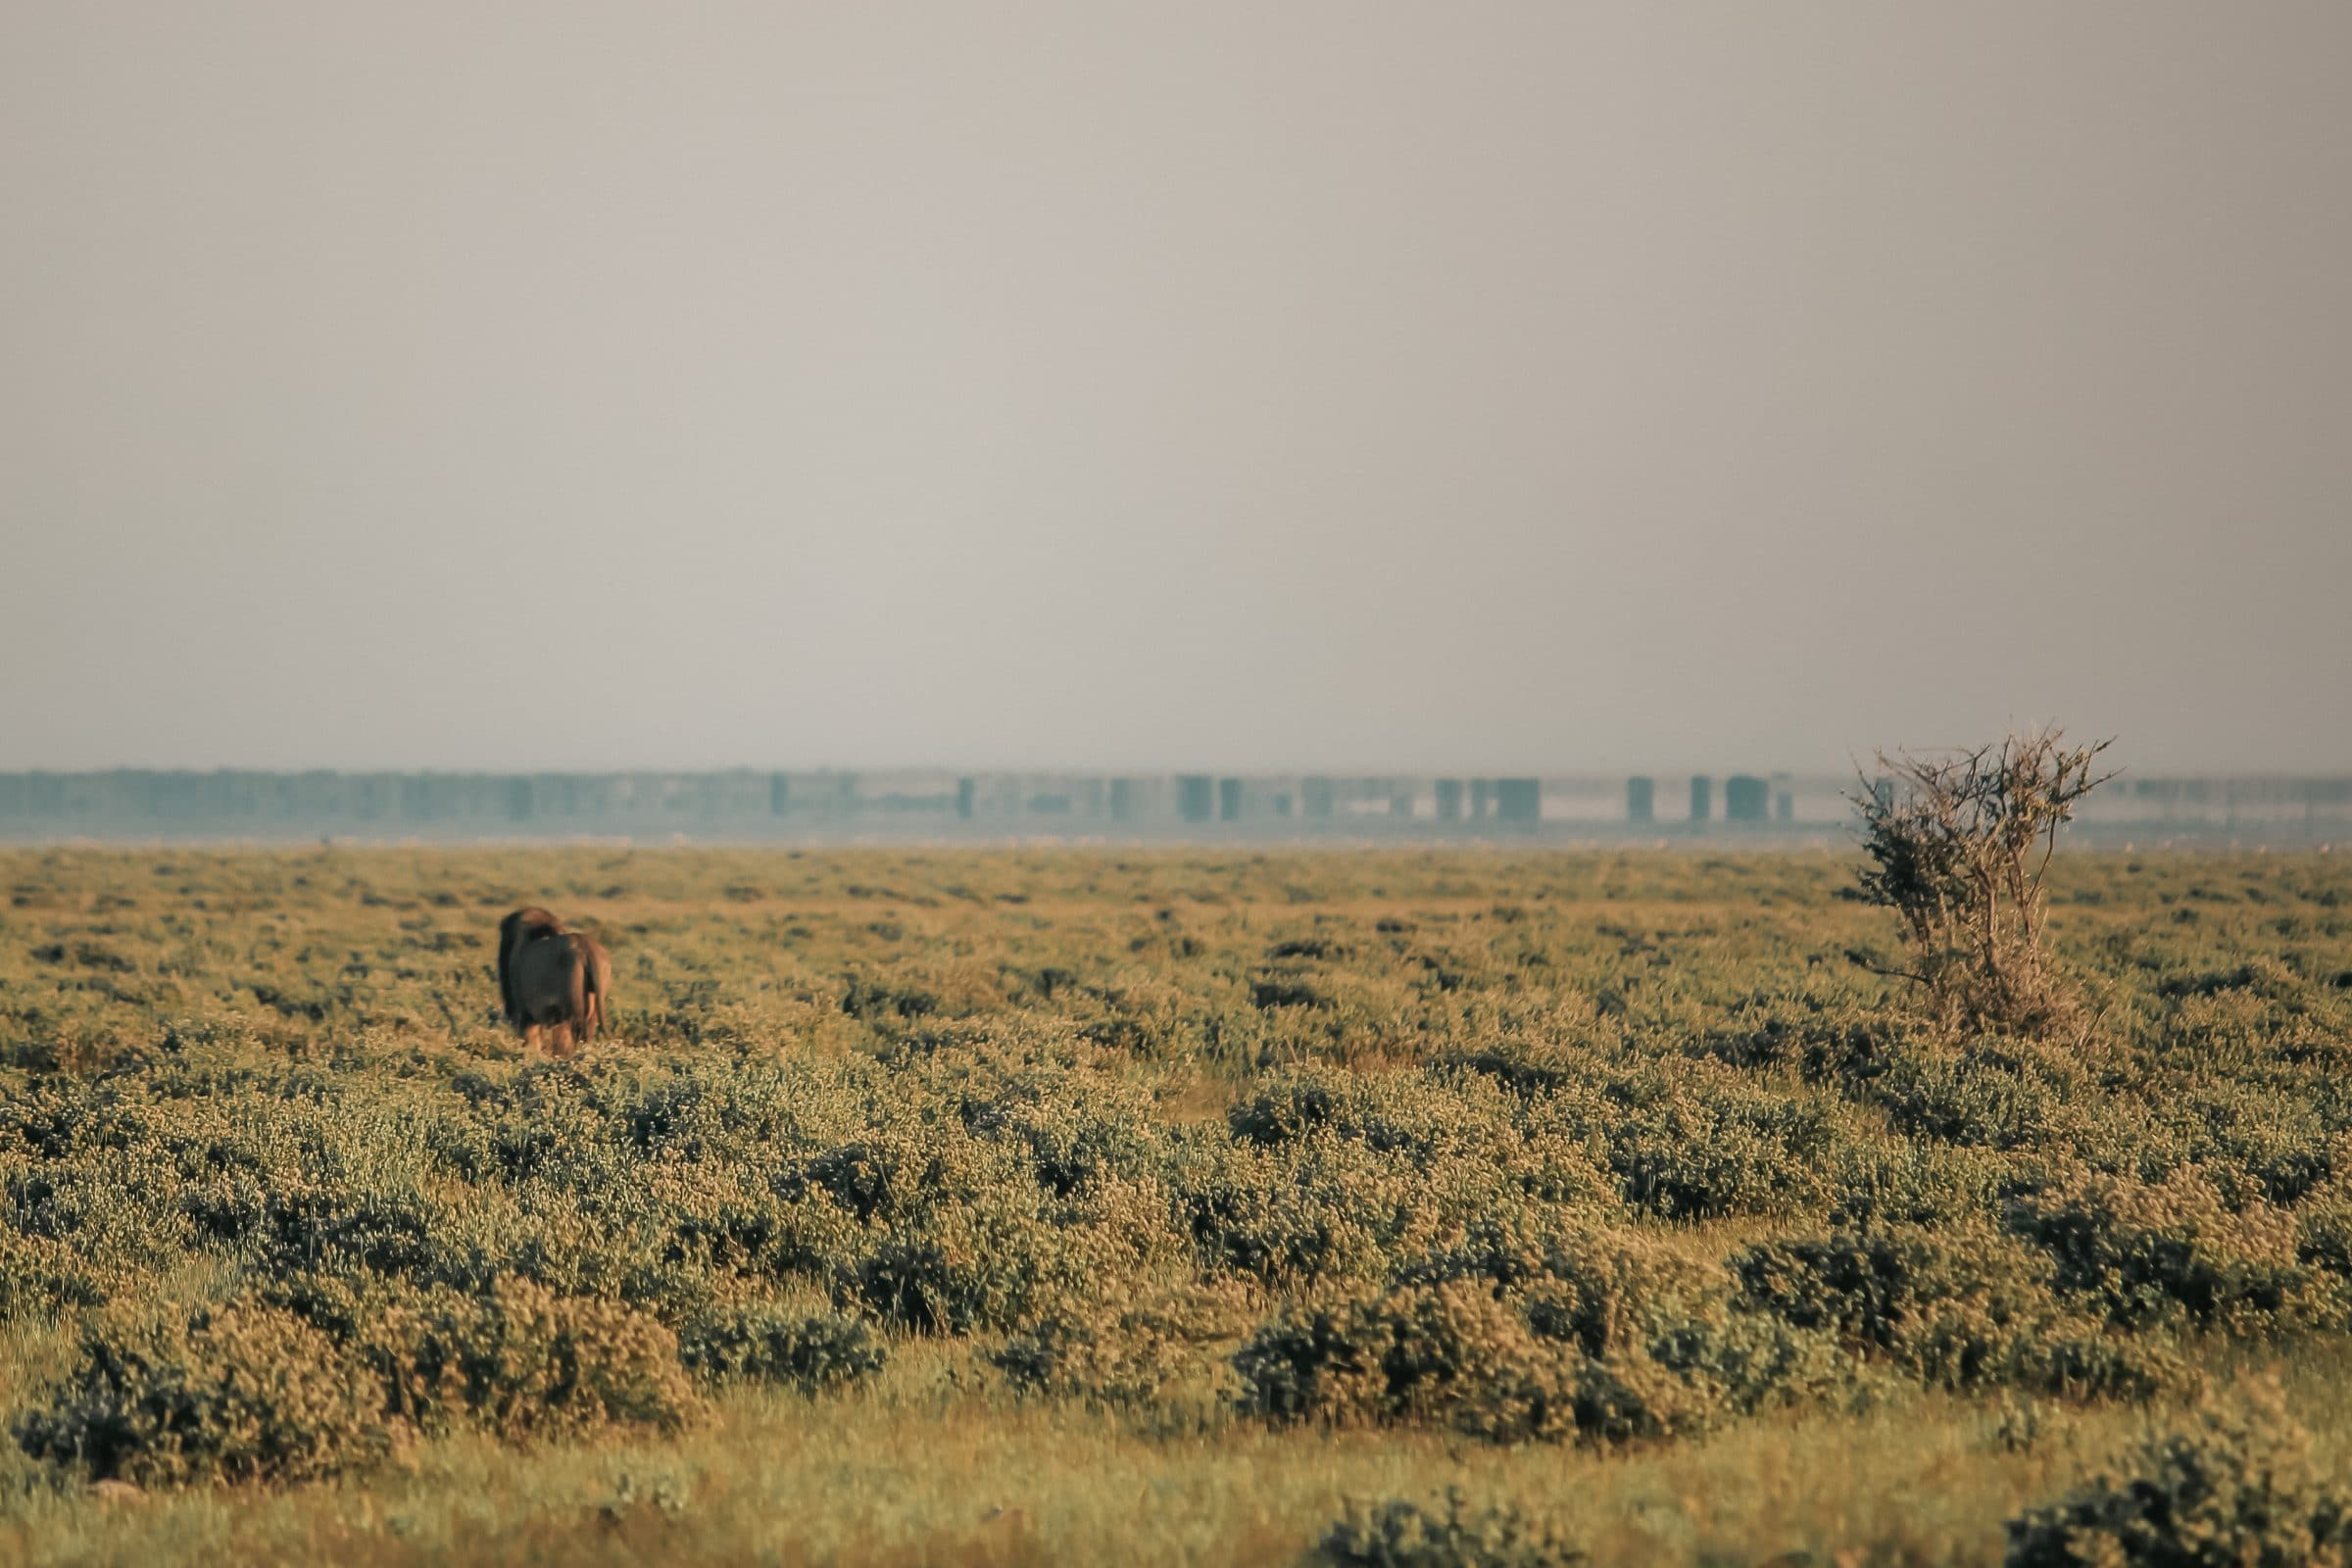 Na het regenseizoen in april, is het in Etosha National Park prachtig groen